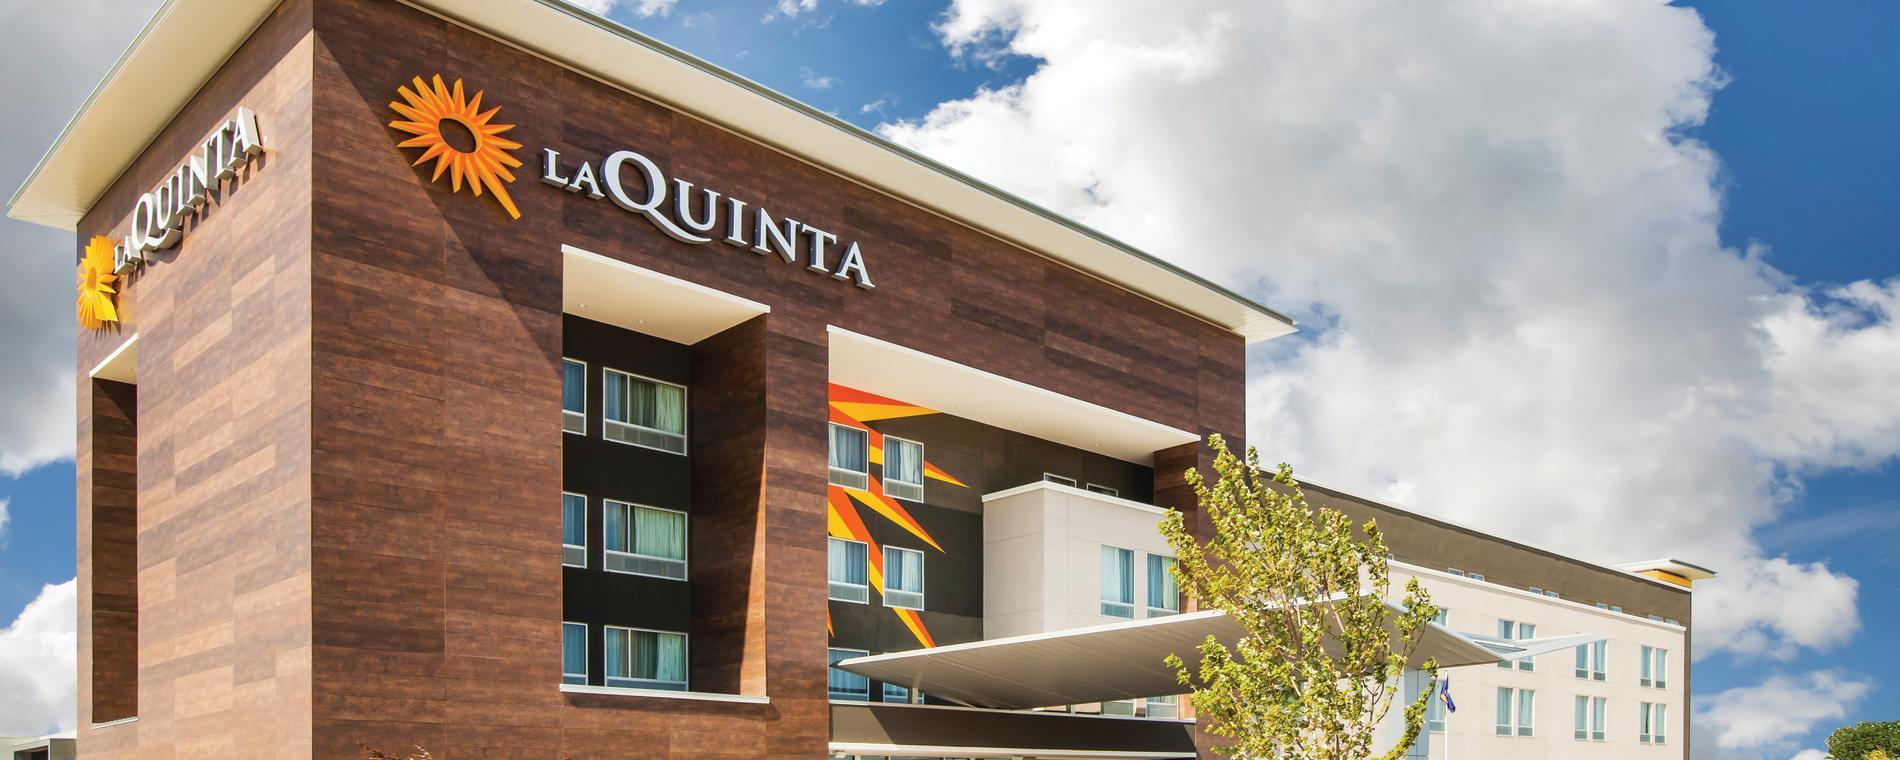 La Quinta NE Exterior close up Visit Wichita